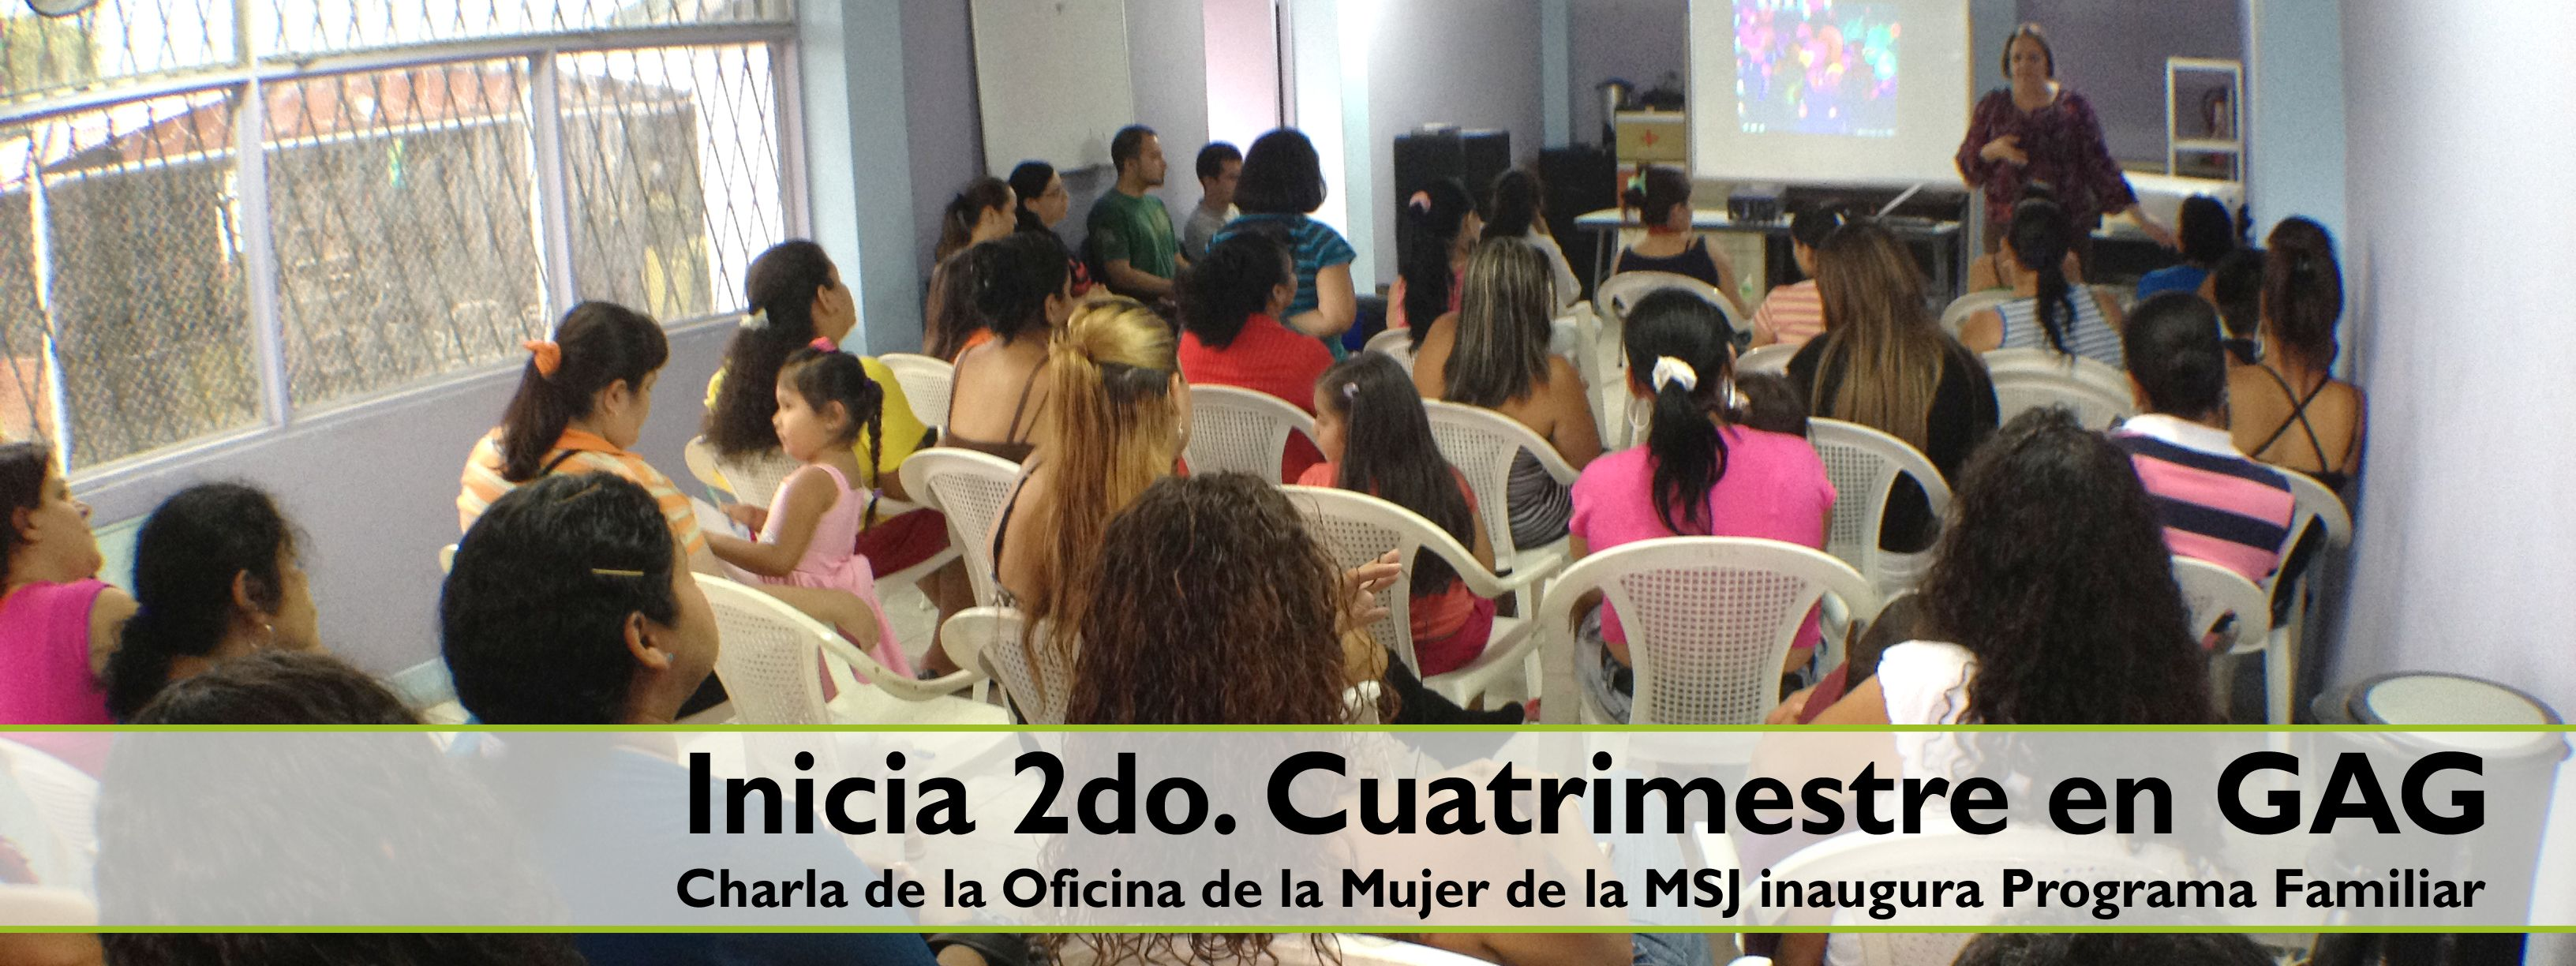 Charlas de la Oficina de la Mujer de la Municipalidad de San José